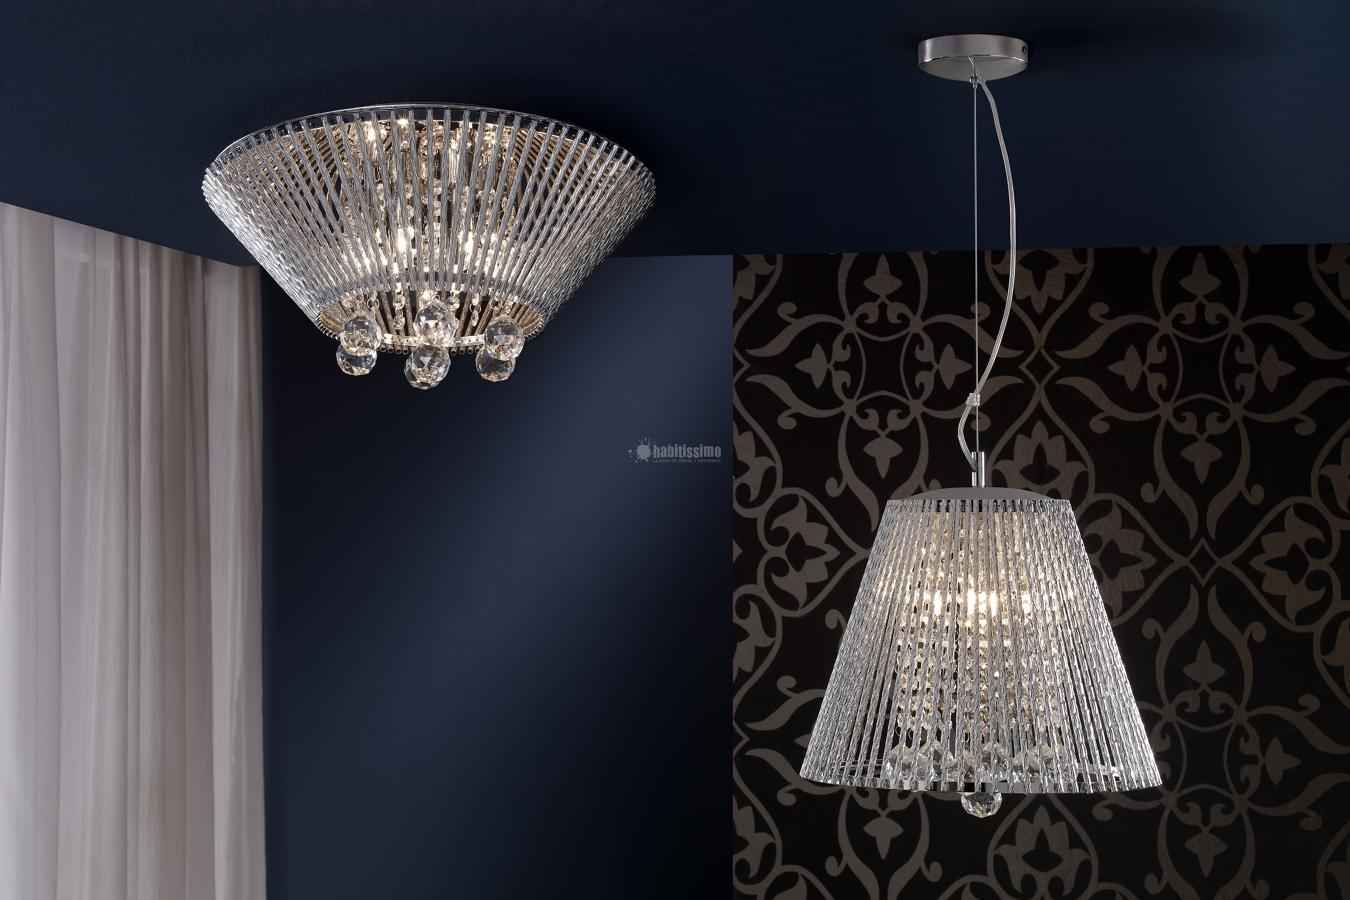 Foto iluminaci n iluminaci n exterior iluminaci n decorativa de bilbolamp 99423 habitissimo - Iluminacion decorativa exterior ...